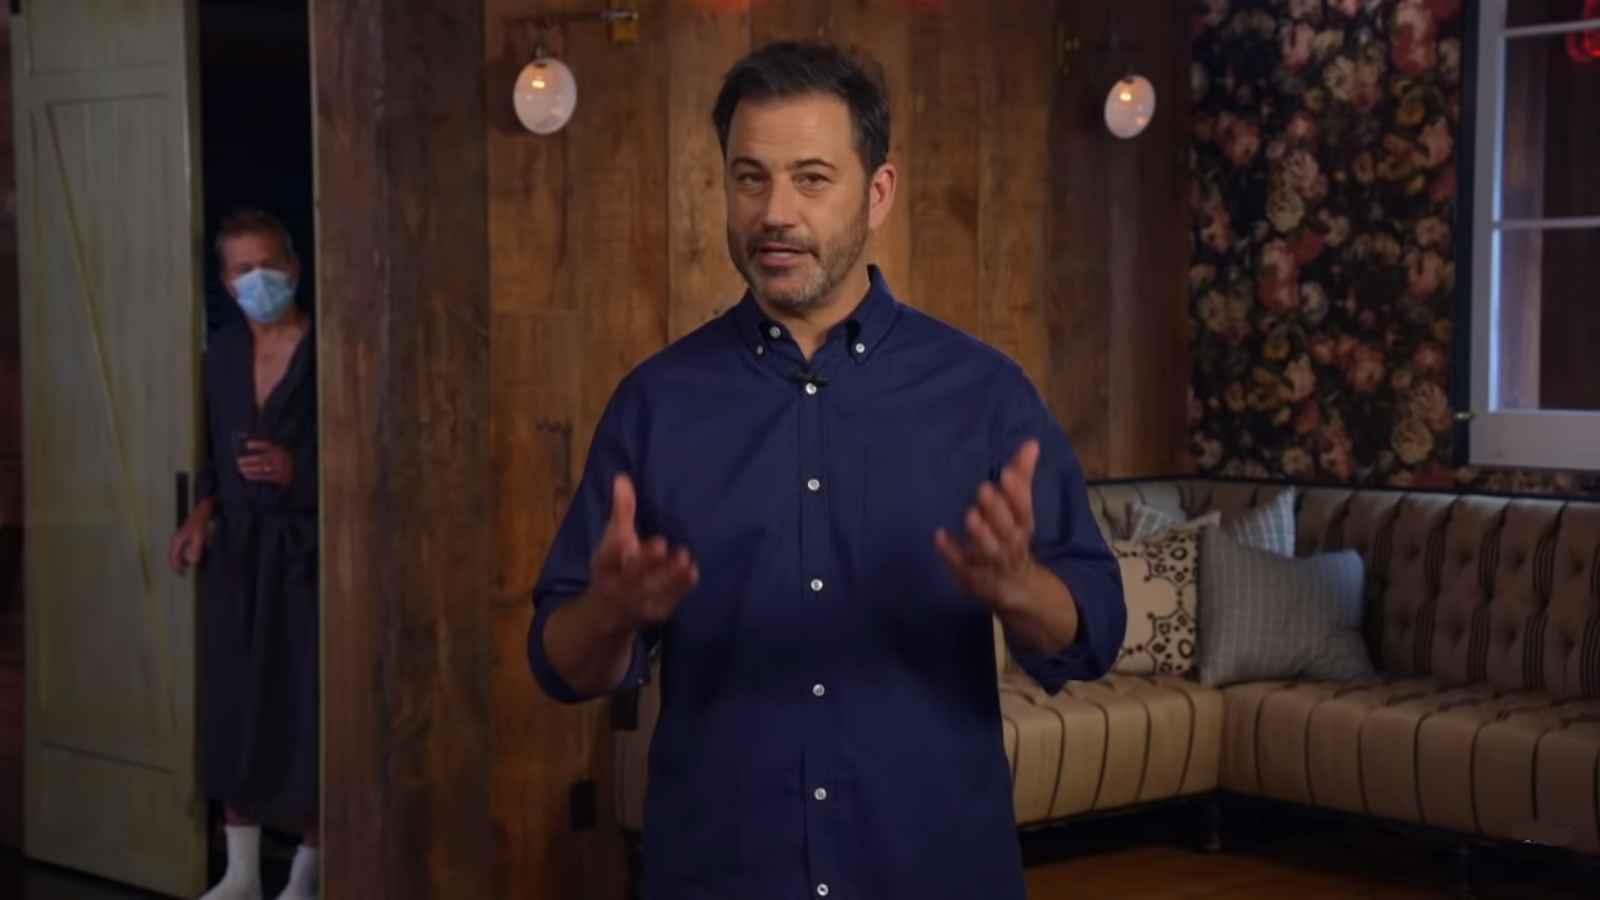 Jimmy Kimmel of Jimmy Kimmel Live is taking a break for summer